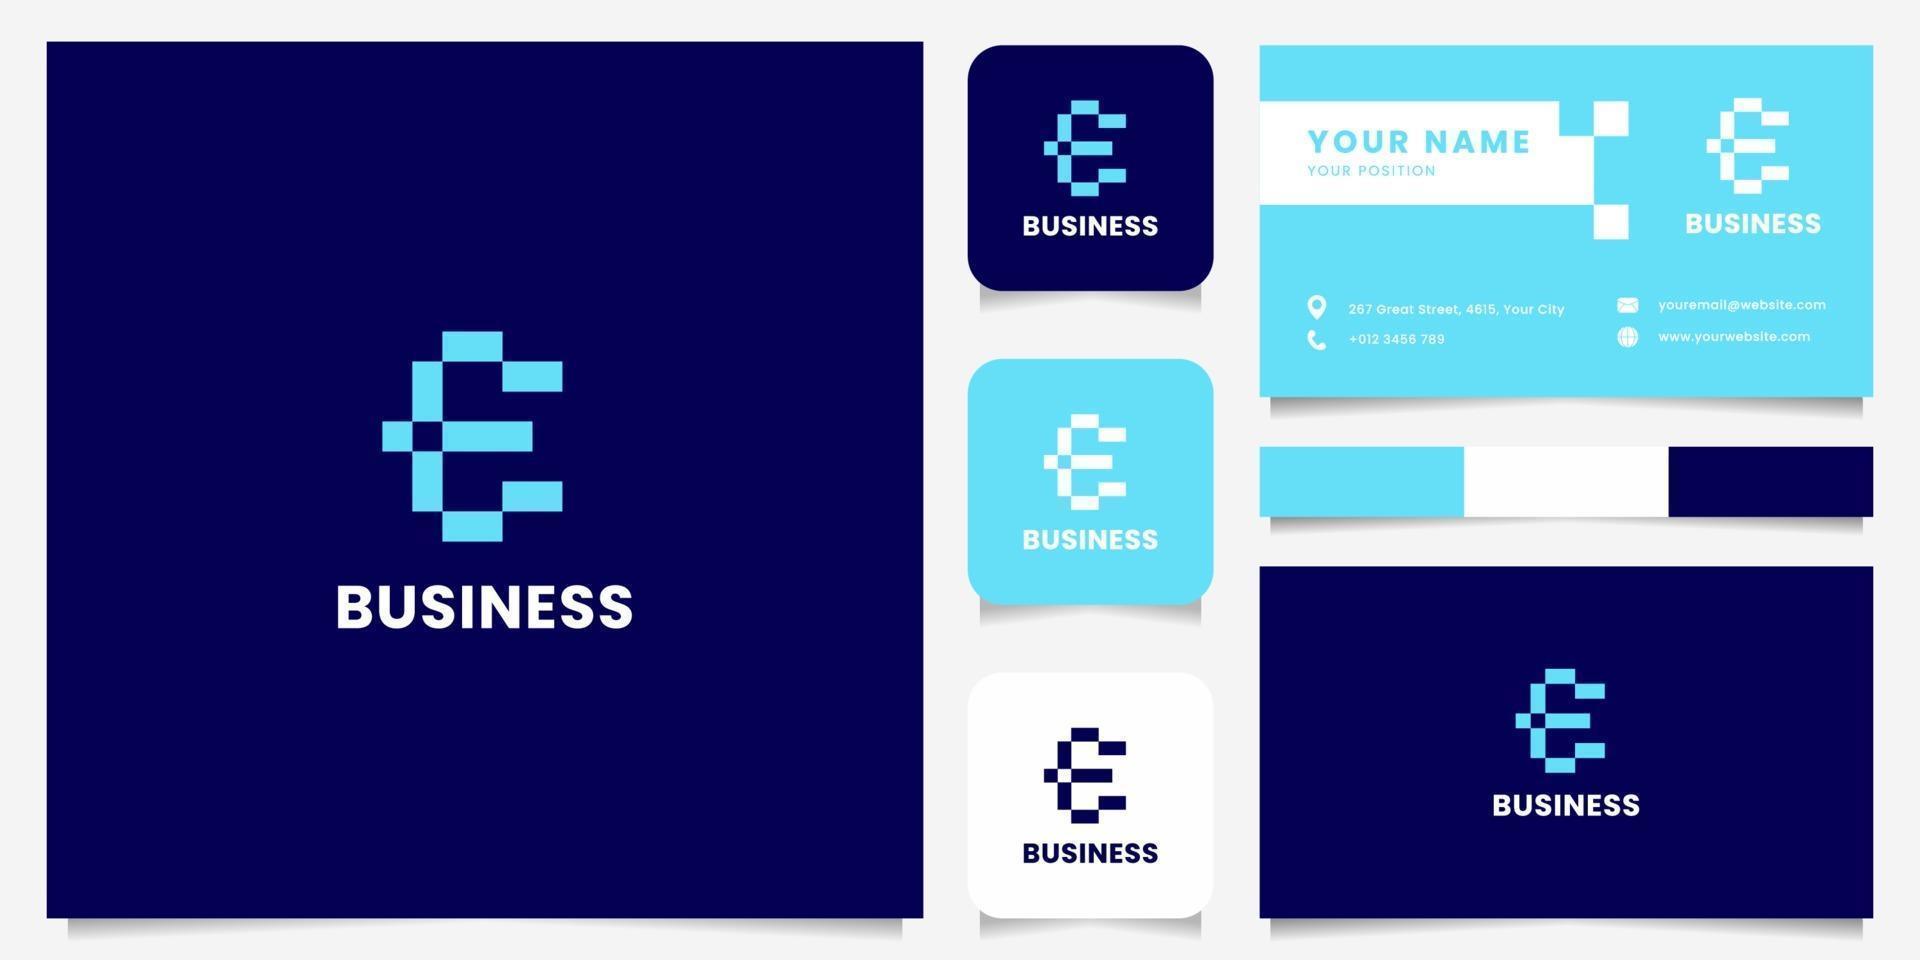 einfaches und minimalistisches blaues Pixelbuchstaben-E-Logo mit Visitenkartenschablone vektor